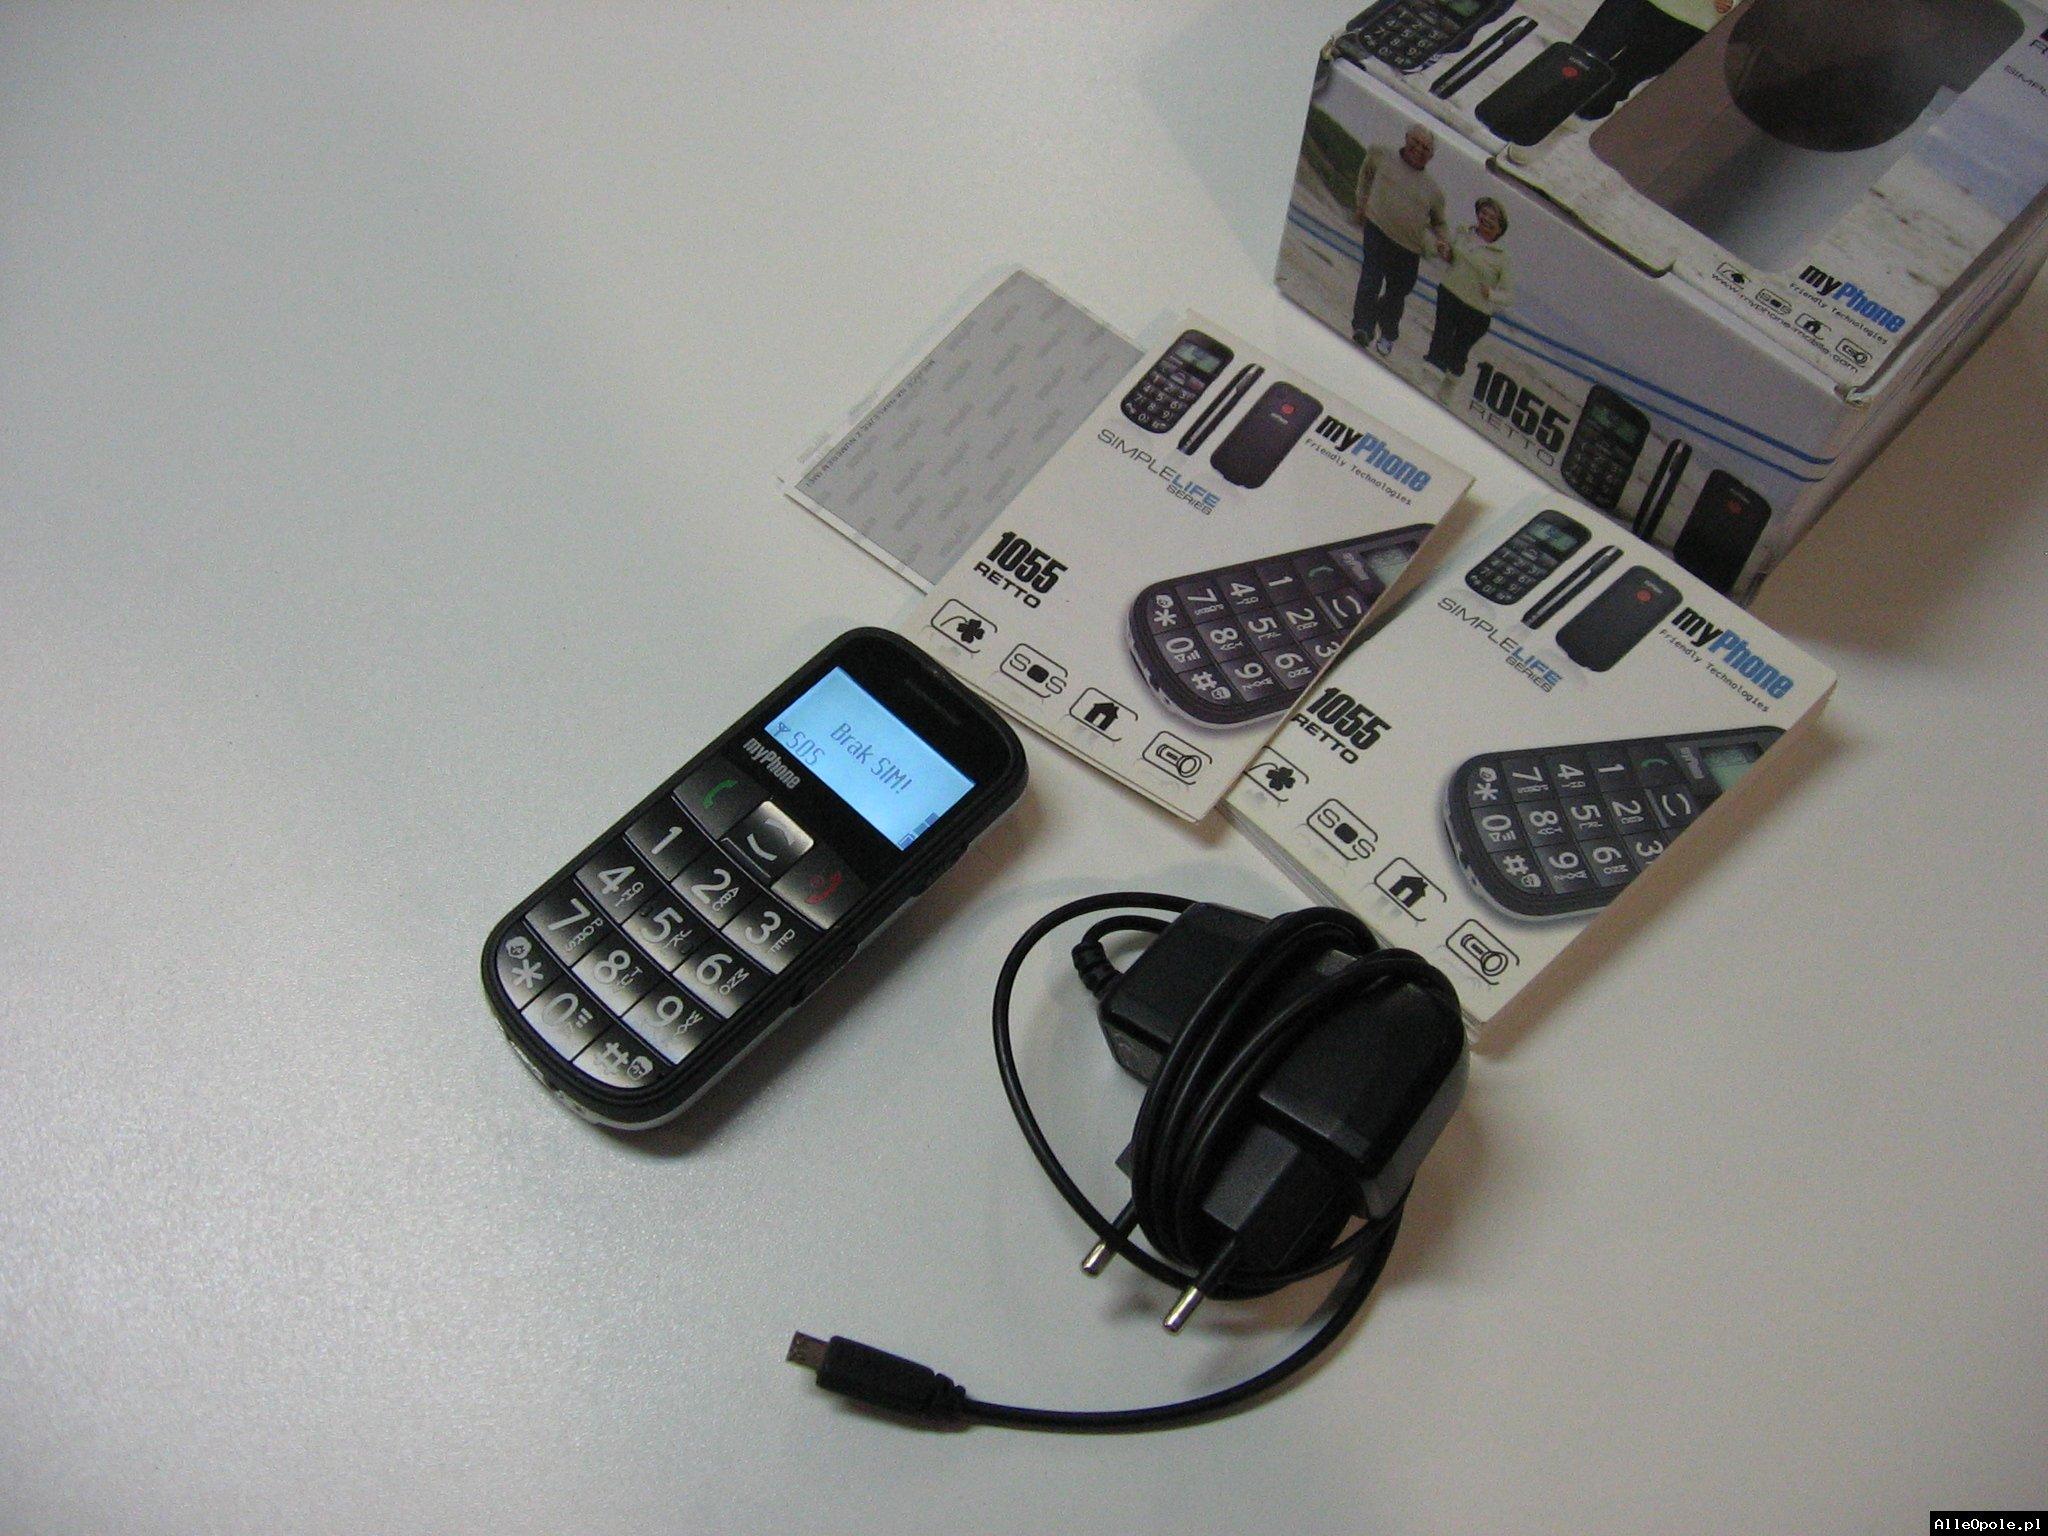 TELEFON MYPHONE 1055 RETTO - Opole